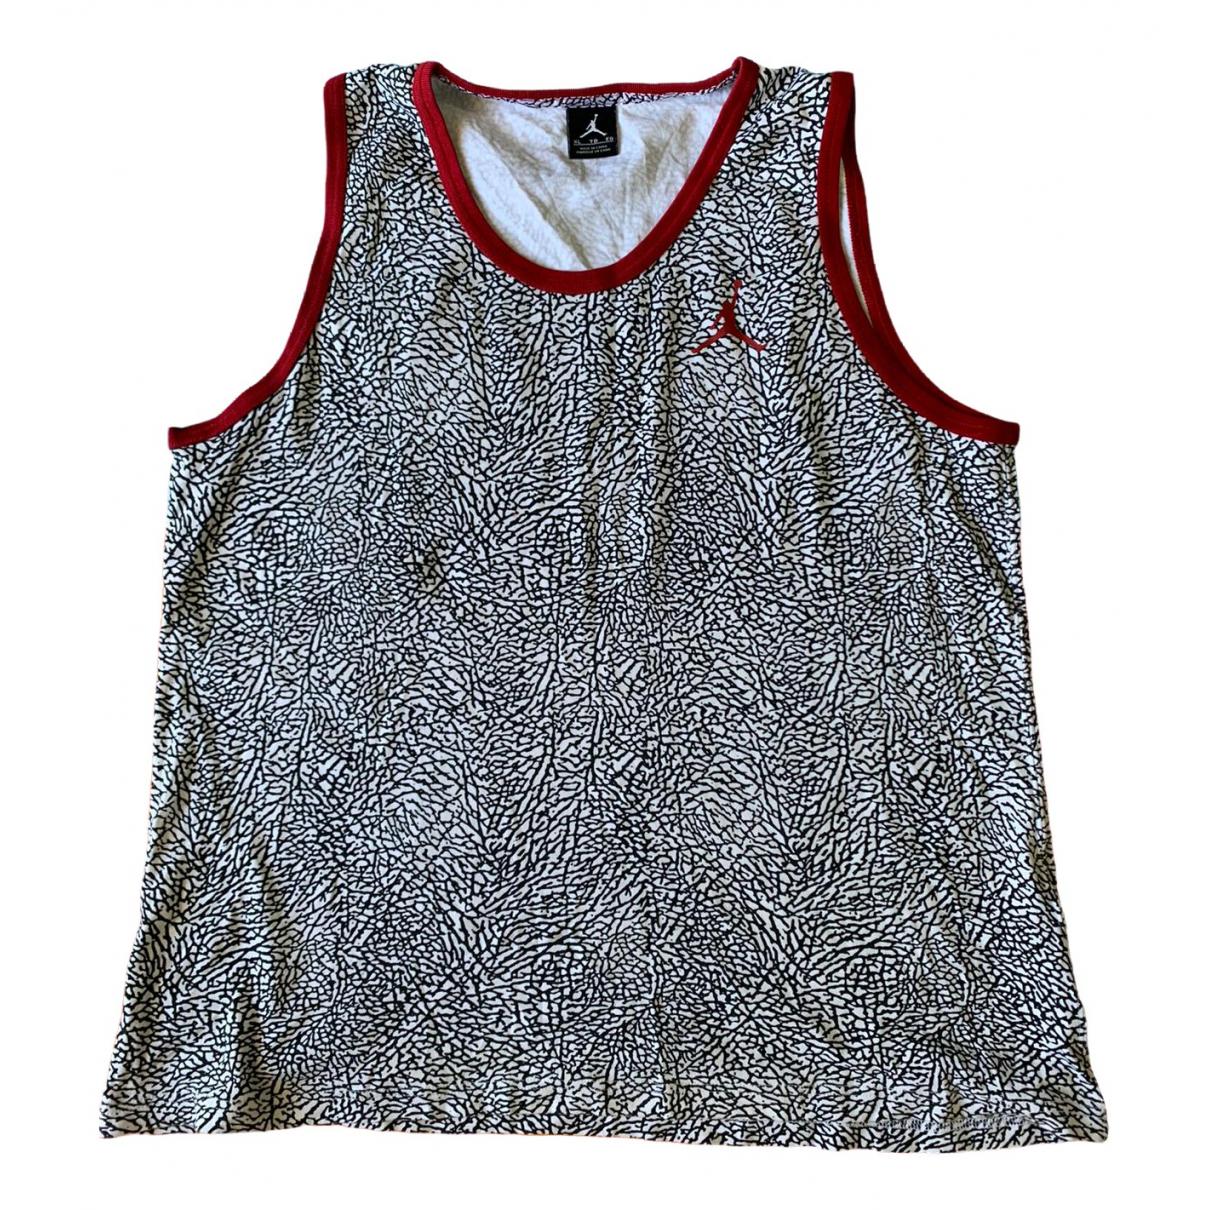 Jordan - Tee shirts   pour homme - gris